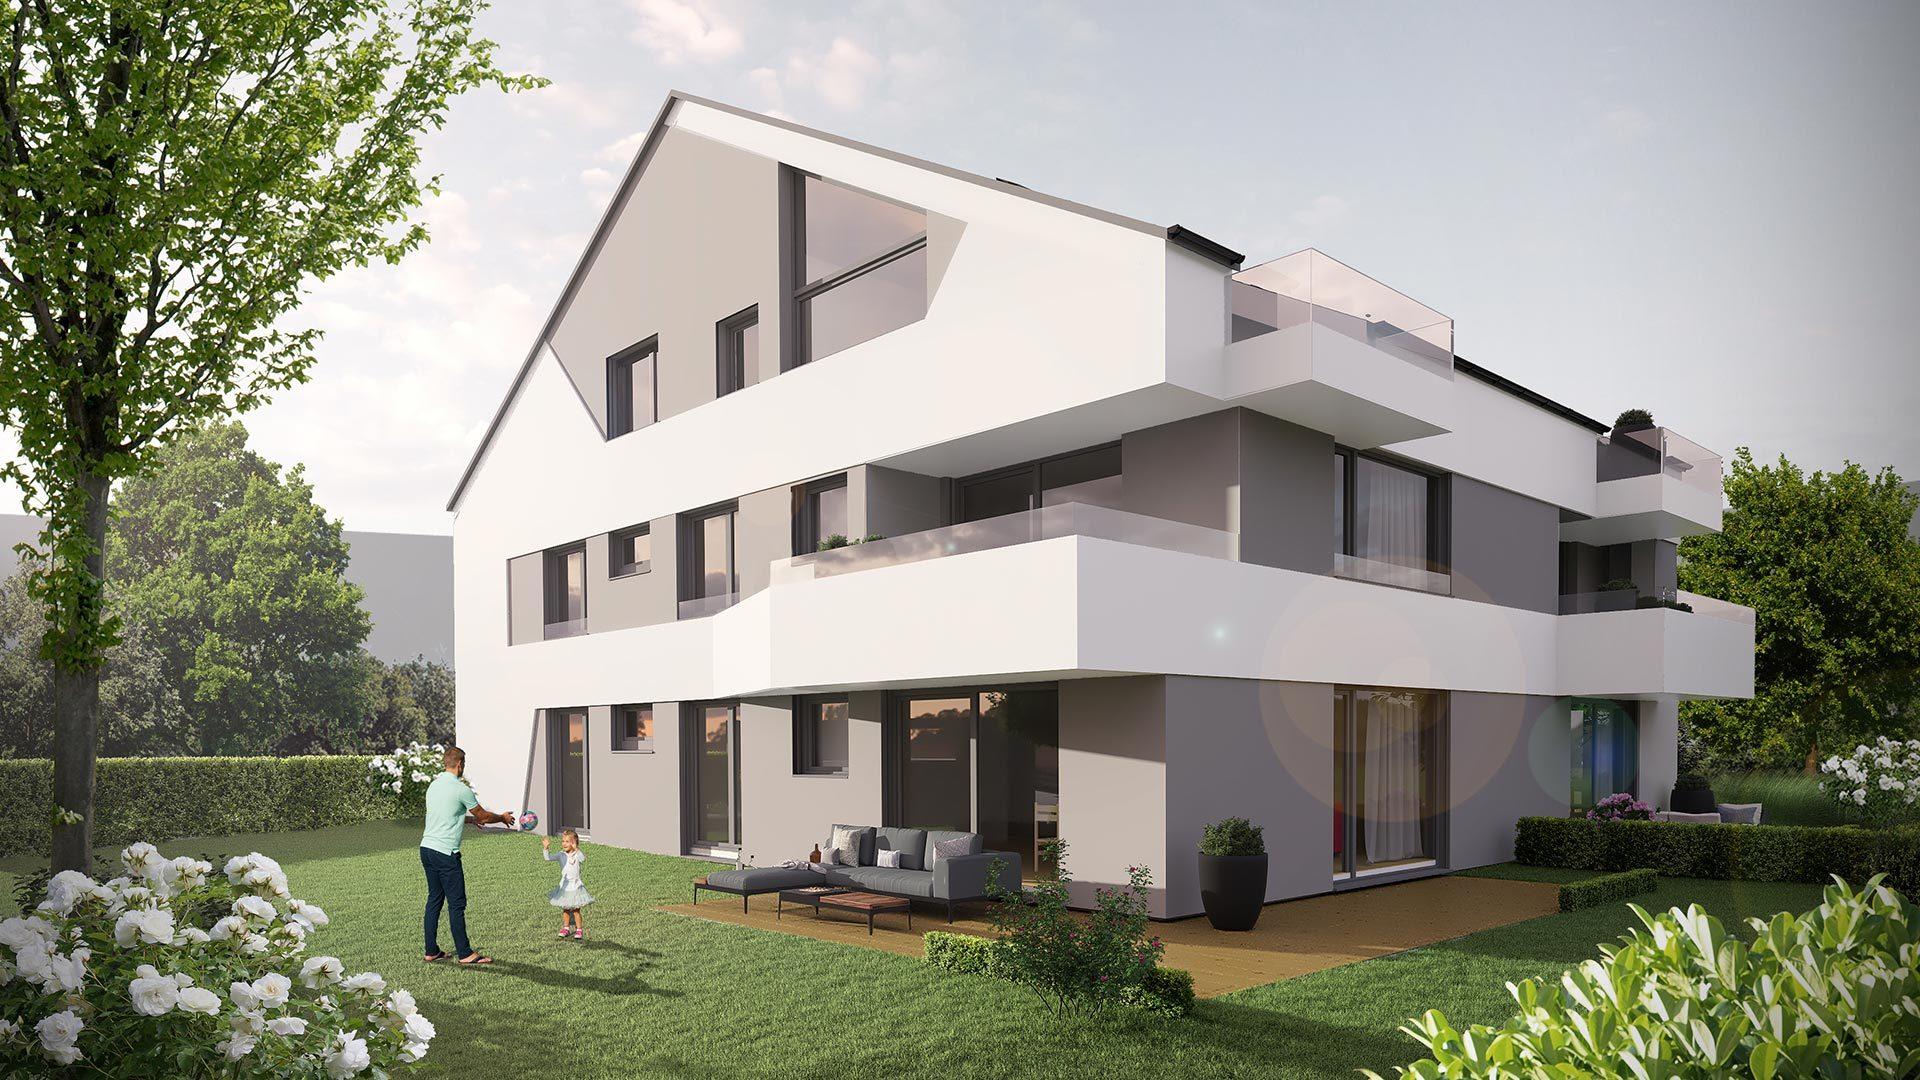 4-Zimmer-Wohnung - Objekt 328-1